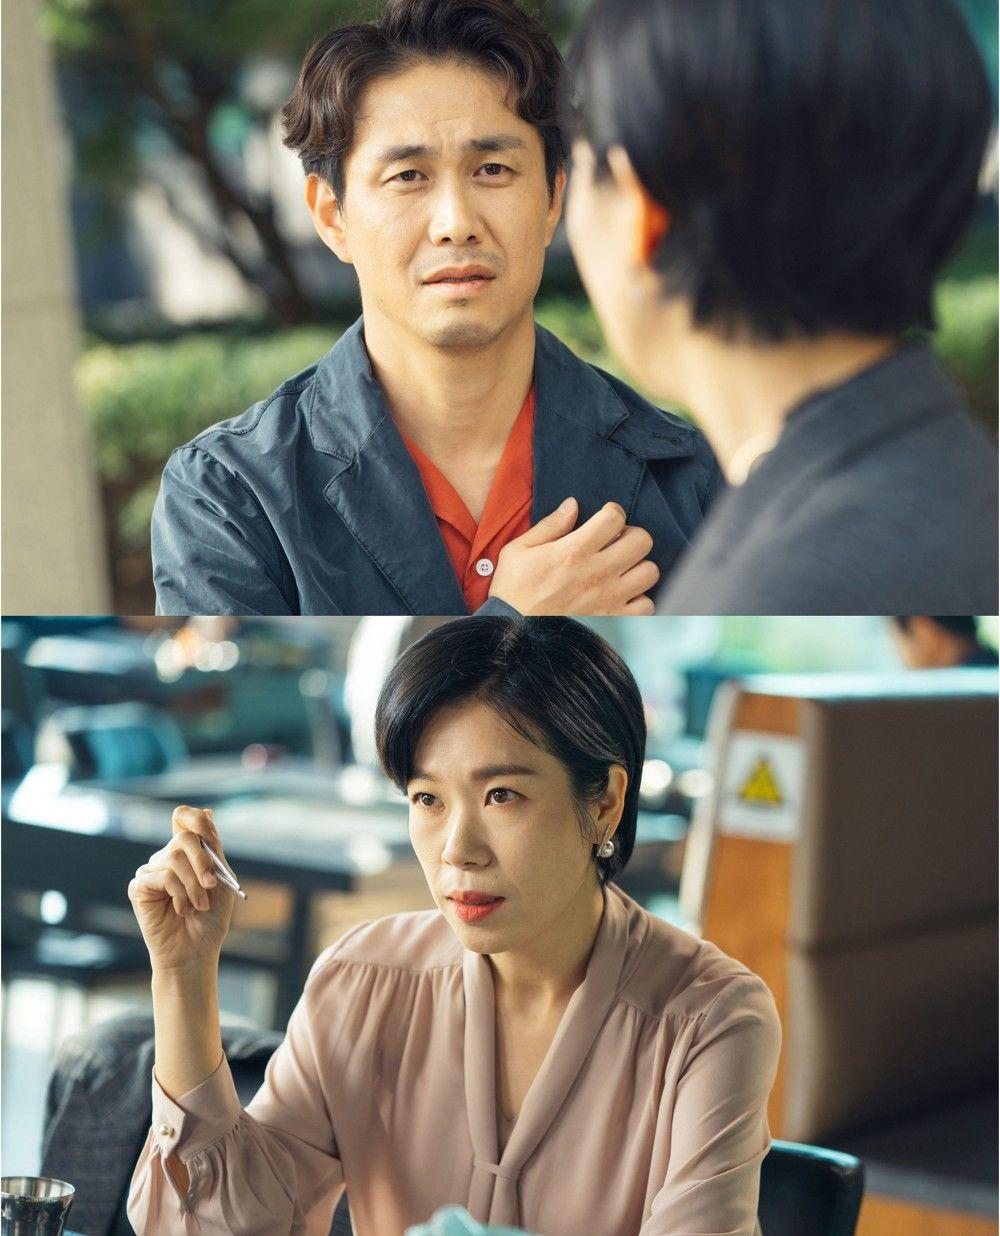 '찌질 귀요미' 오정세·'옹산 걸크러시' 염혜란, '동백꽃' 심스틸러 등극